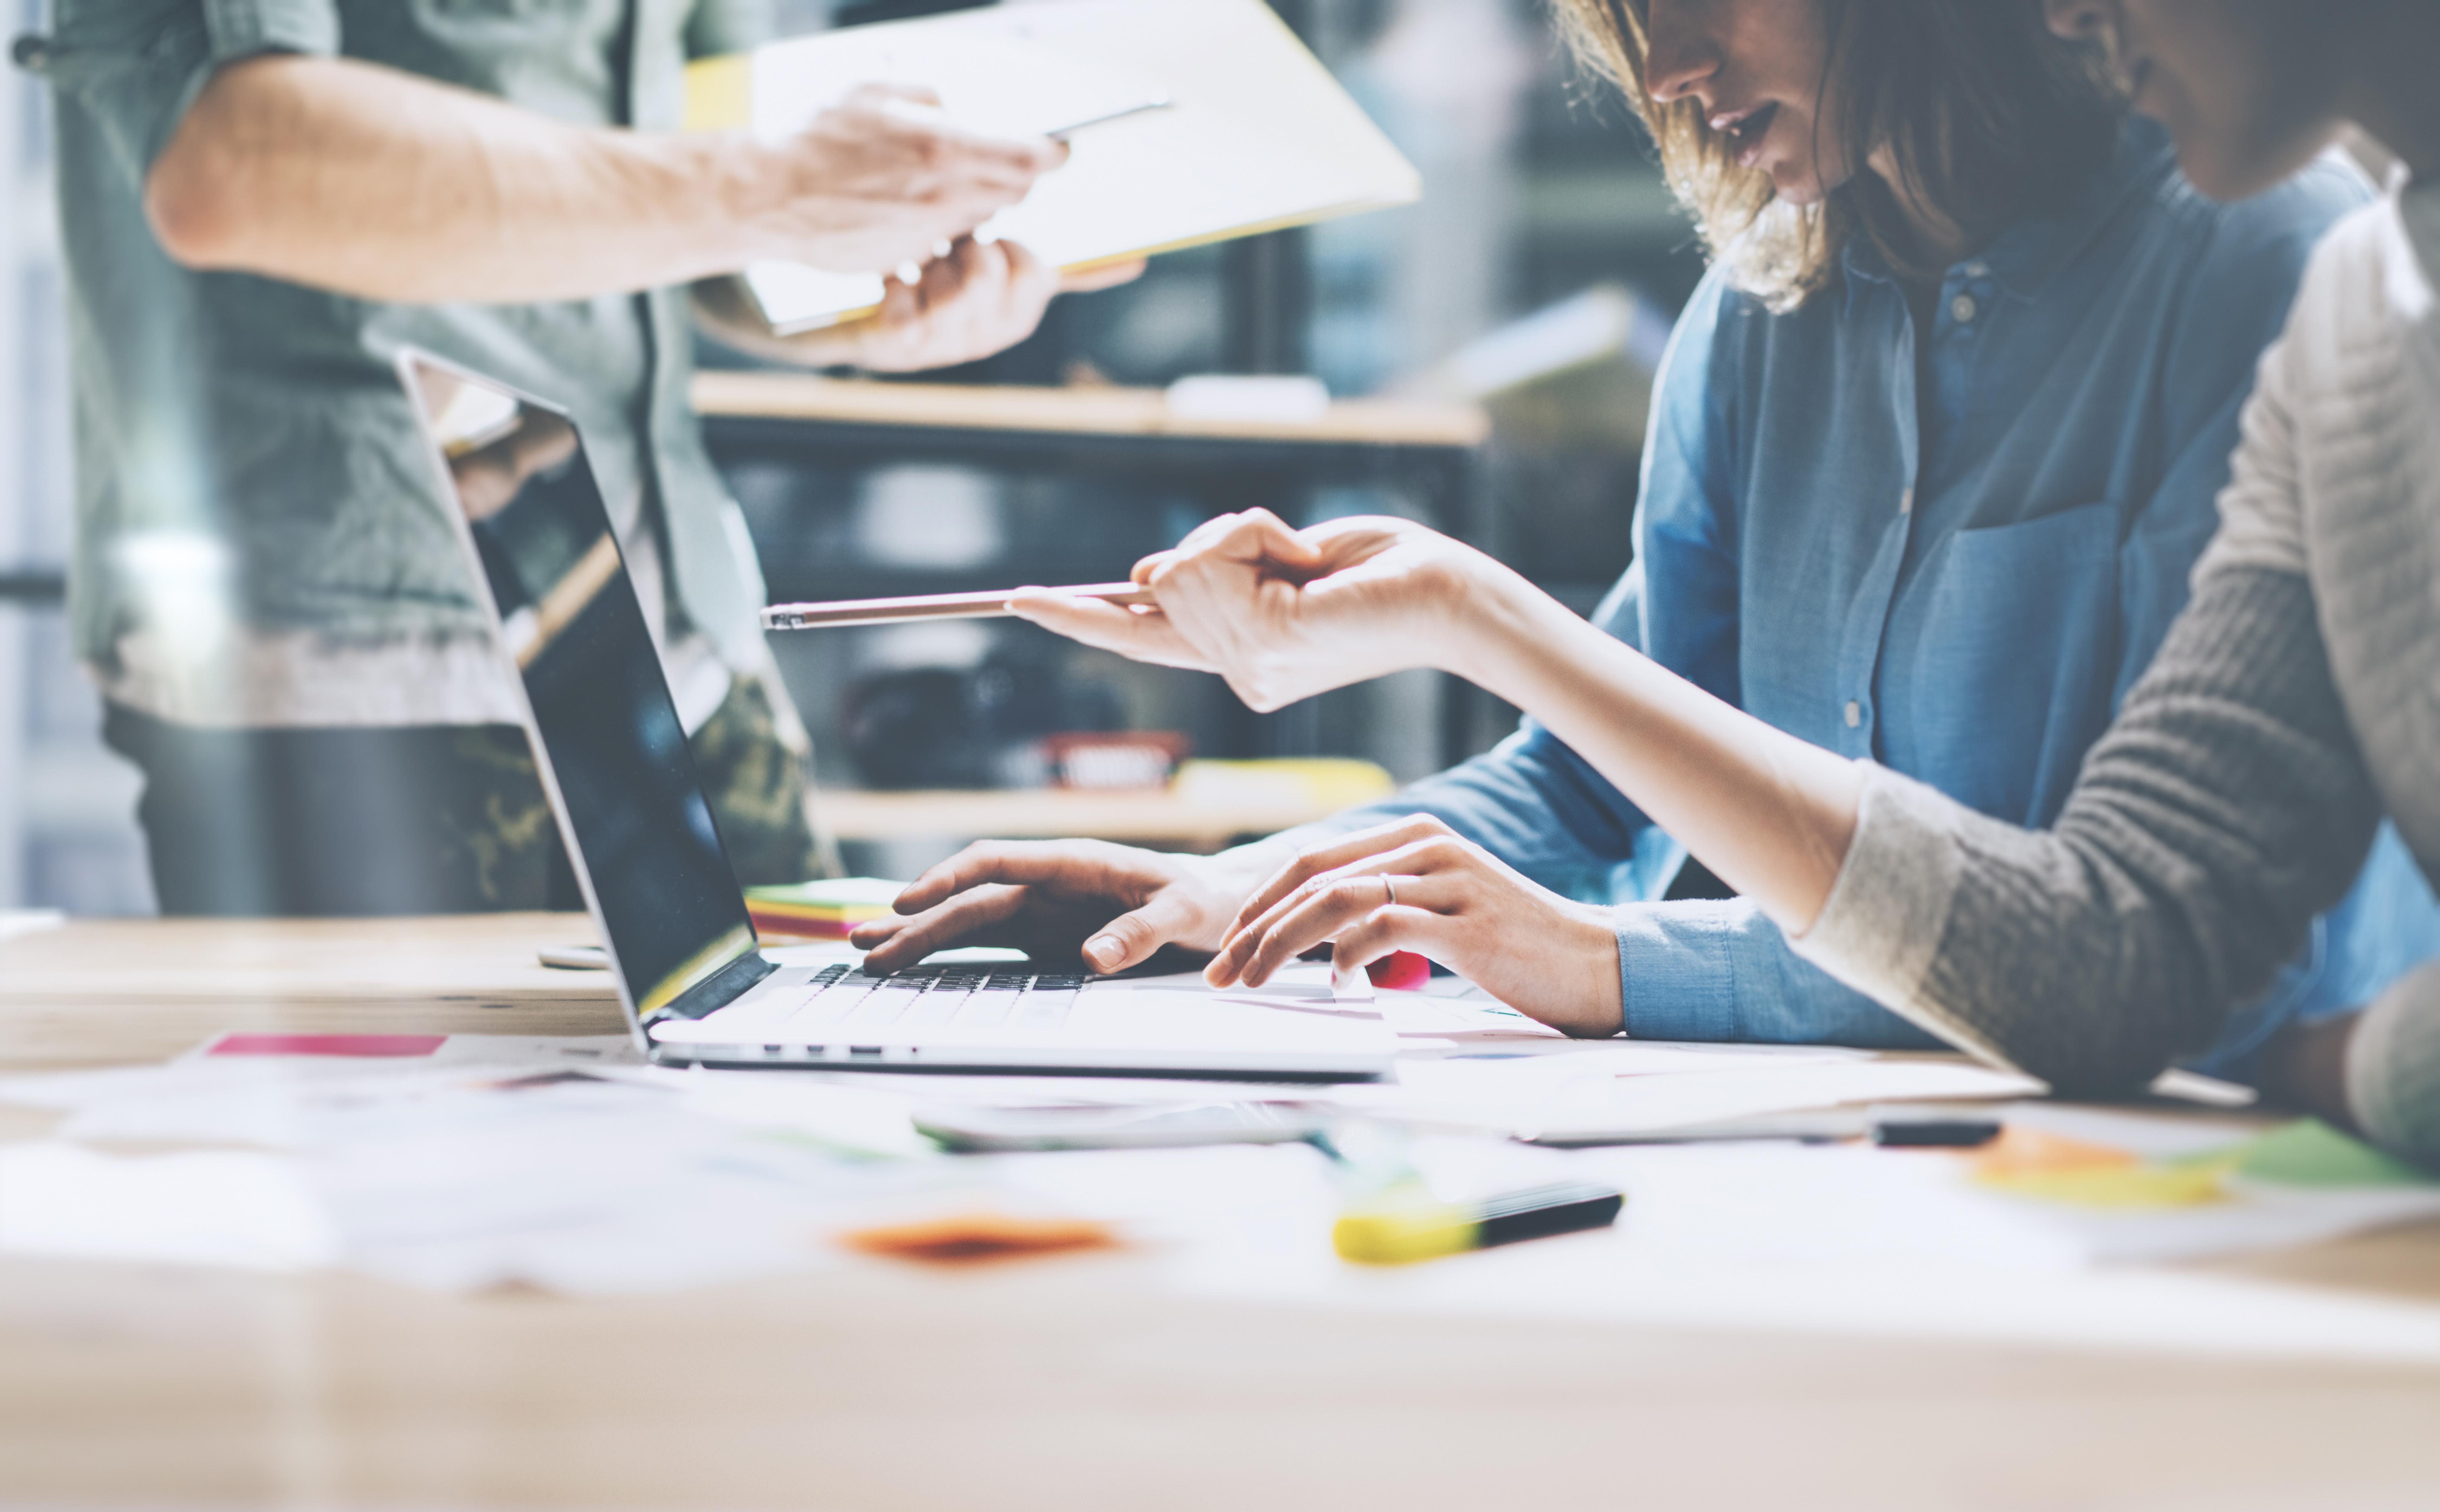 Zur Verstärkung unseres E-Commerce Teams suchen wir schnellstmöglich eine/n Webshop Administrator (m/w/d)